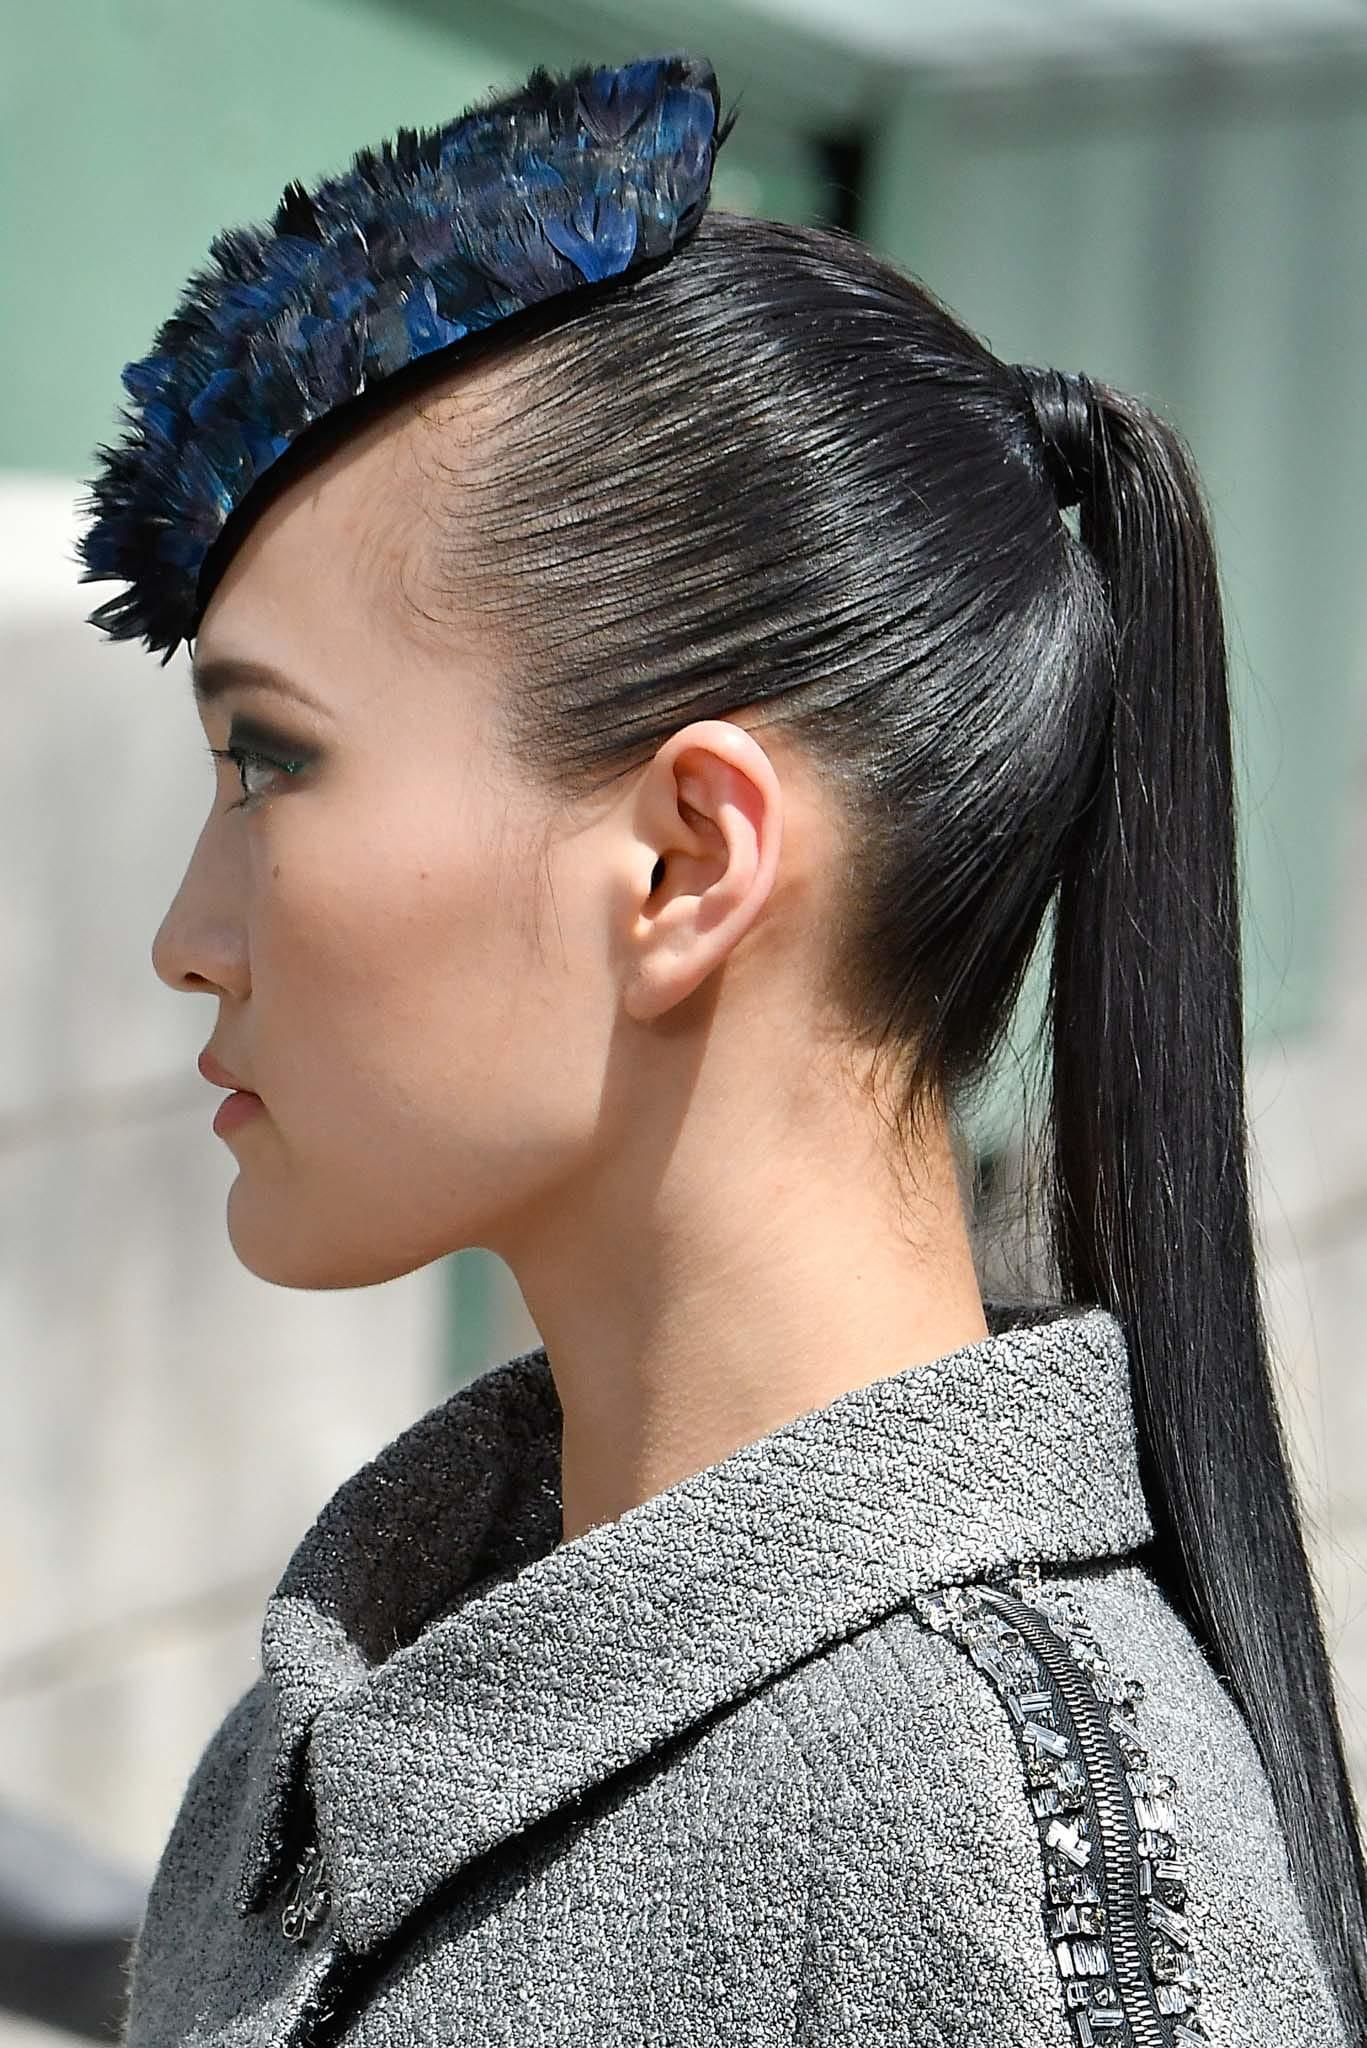 Mujer de cabello oscuro, con pony tail y aplique azul al frente